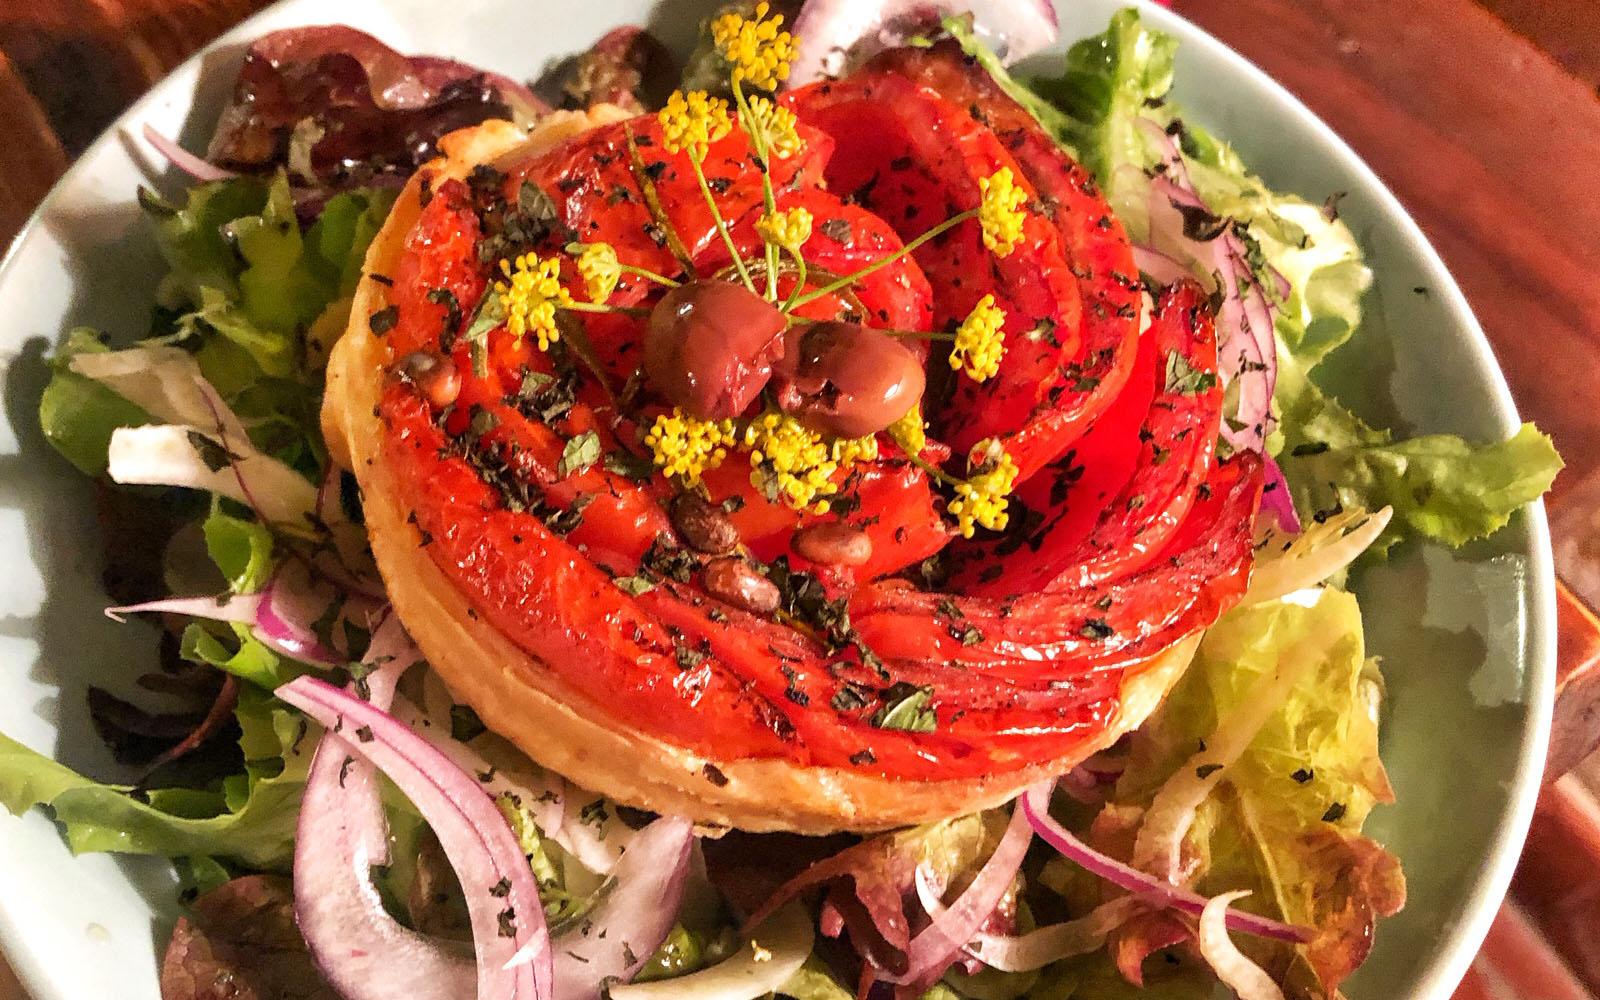 Rivisitazione salata della tarte tatin, al pomodoro candito, al ristorante Archivolto. © oltreilbalcone